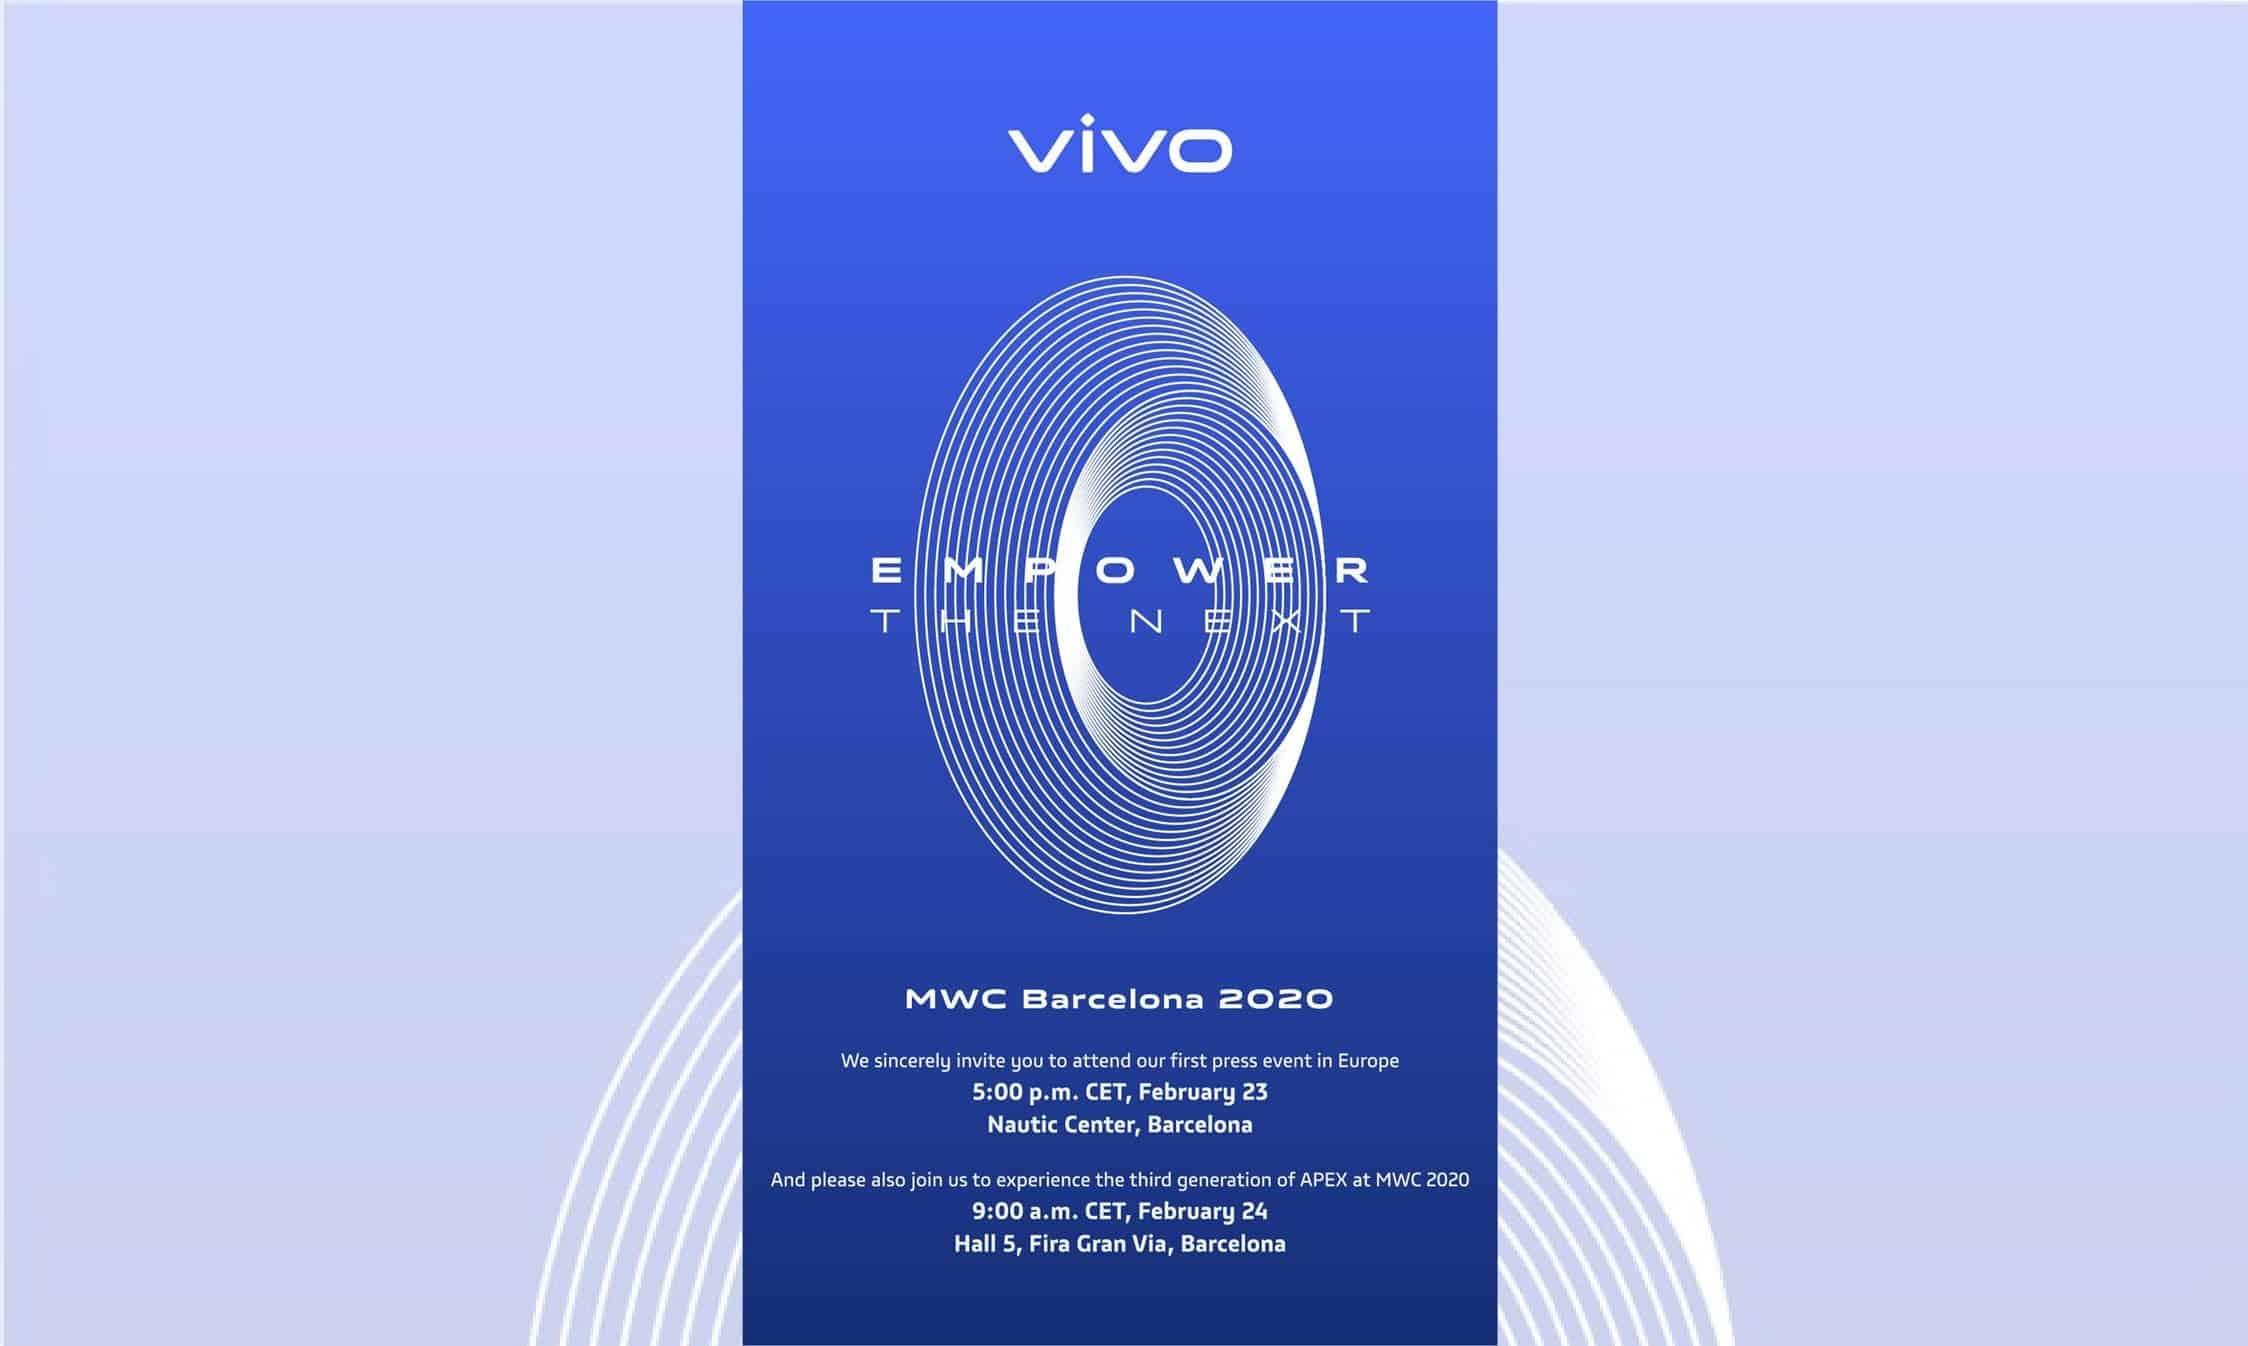 Vivo MWC 2020